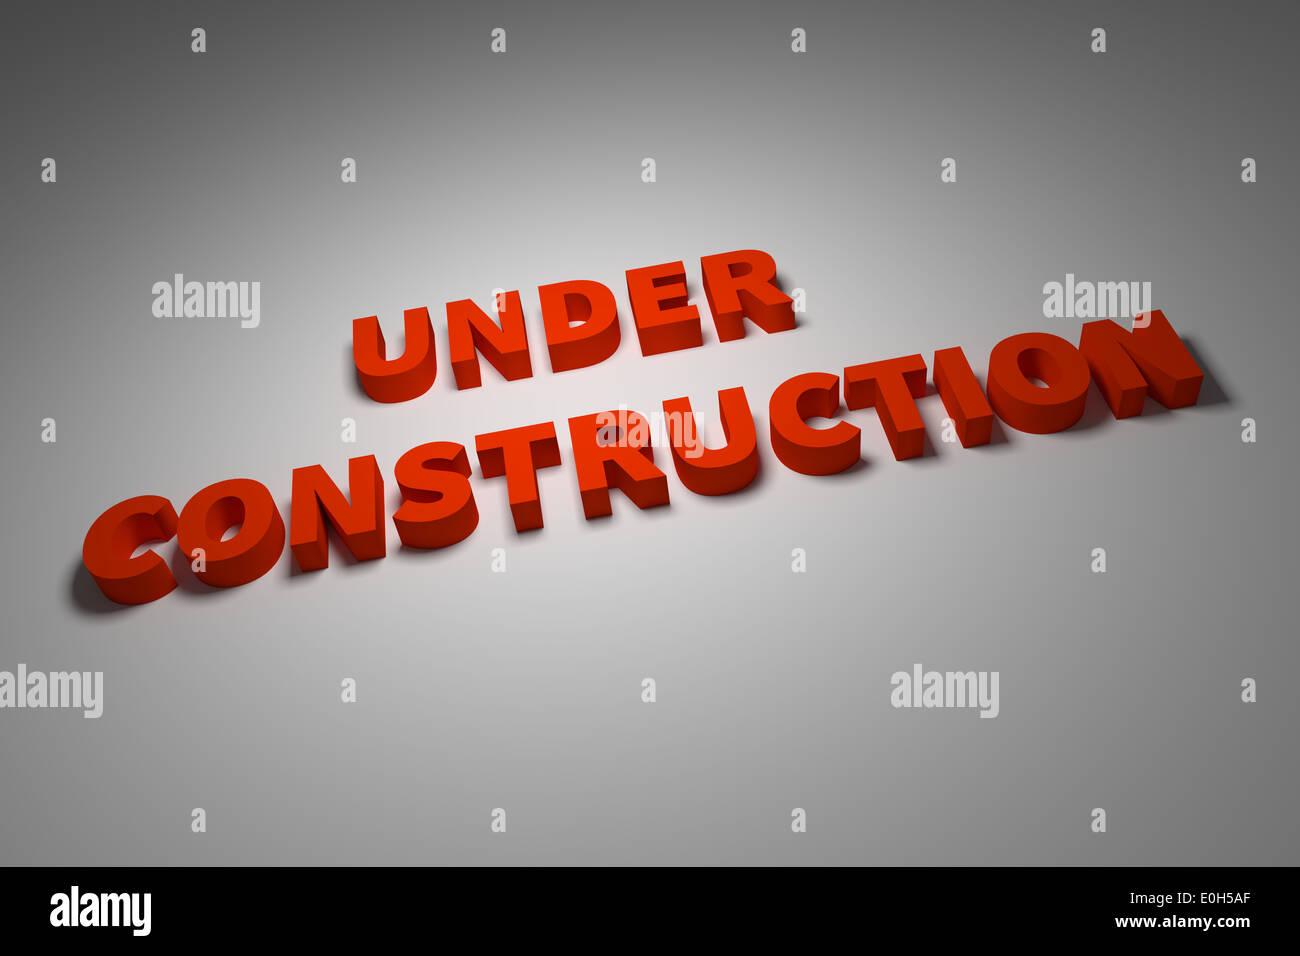 unter Bau Zeichen 3d illustration Stockbild